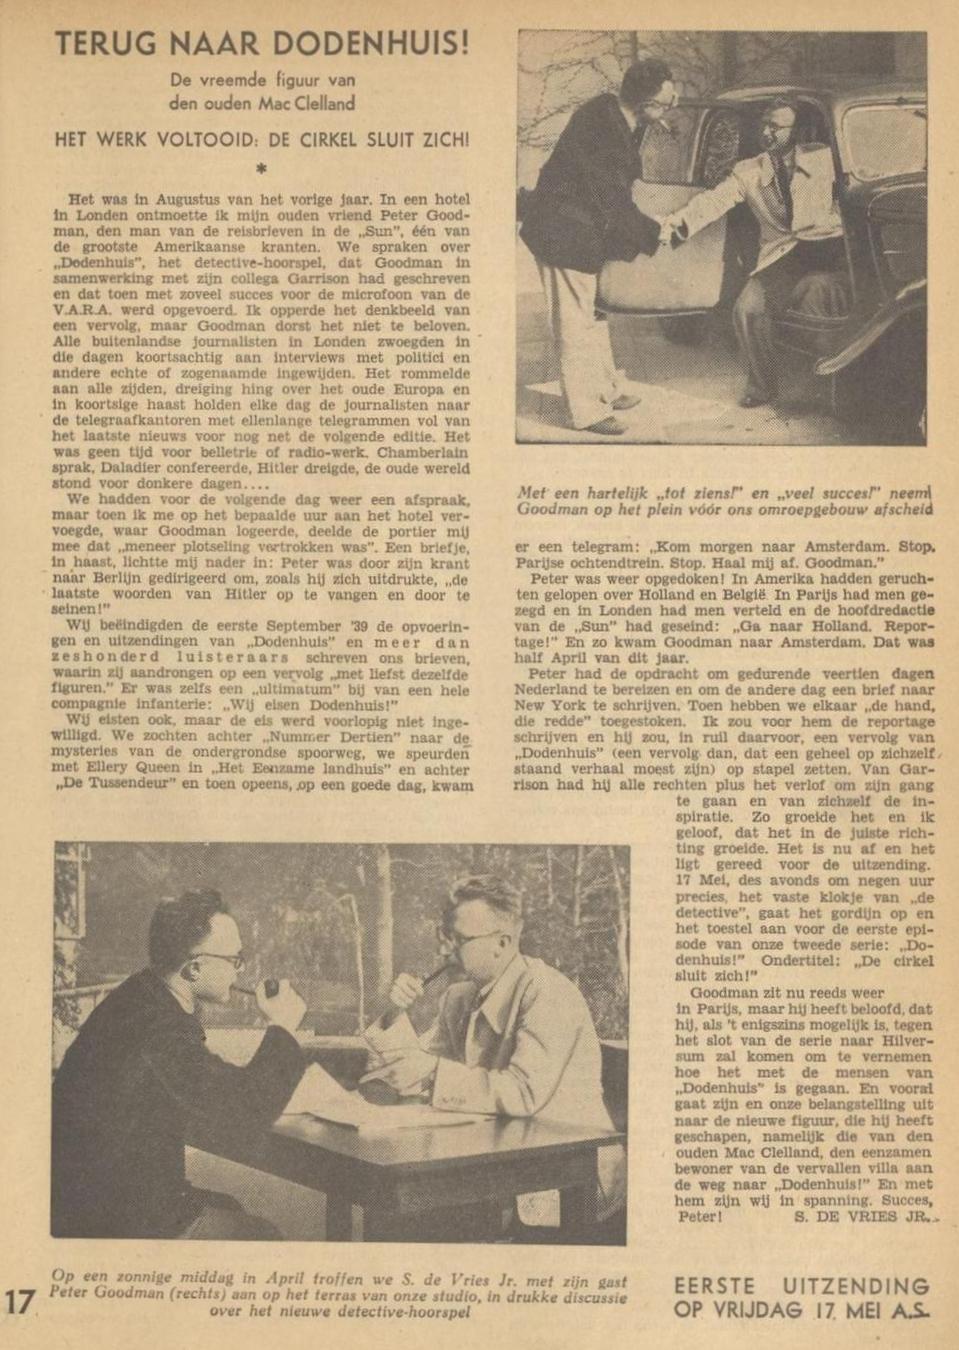 Uit de VARA gids 11 mei 1940 - informatie 01